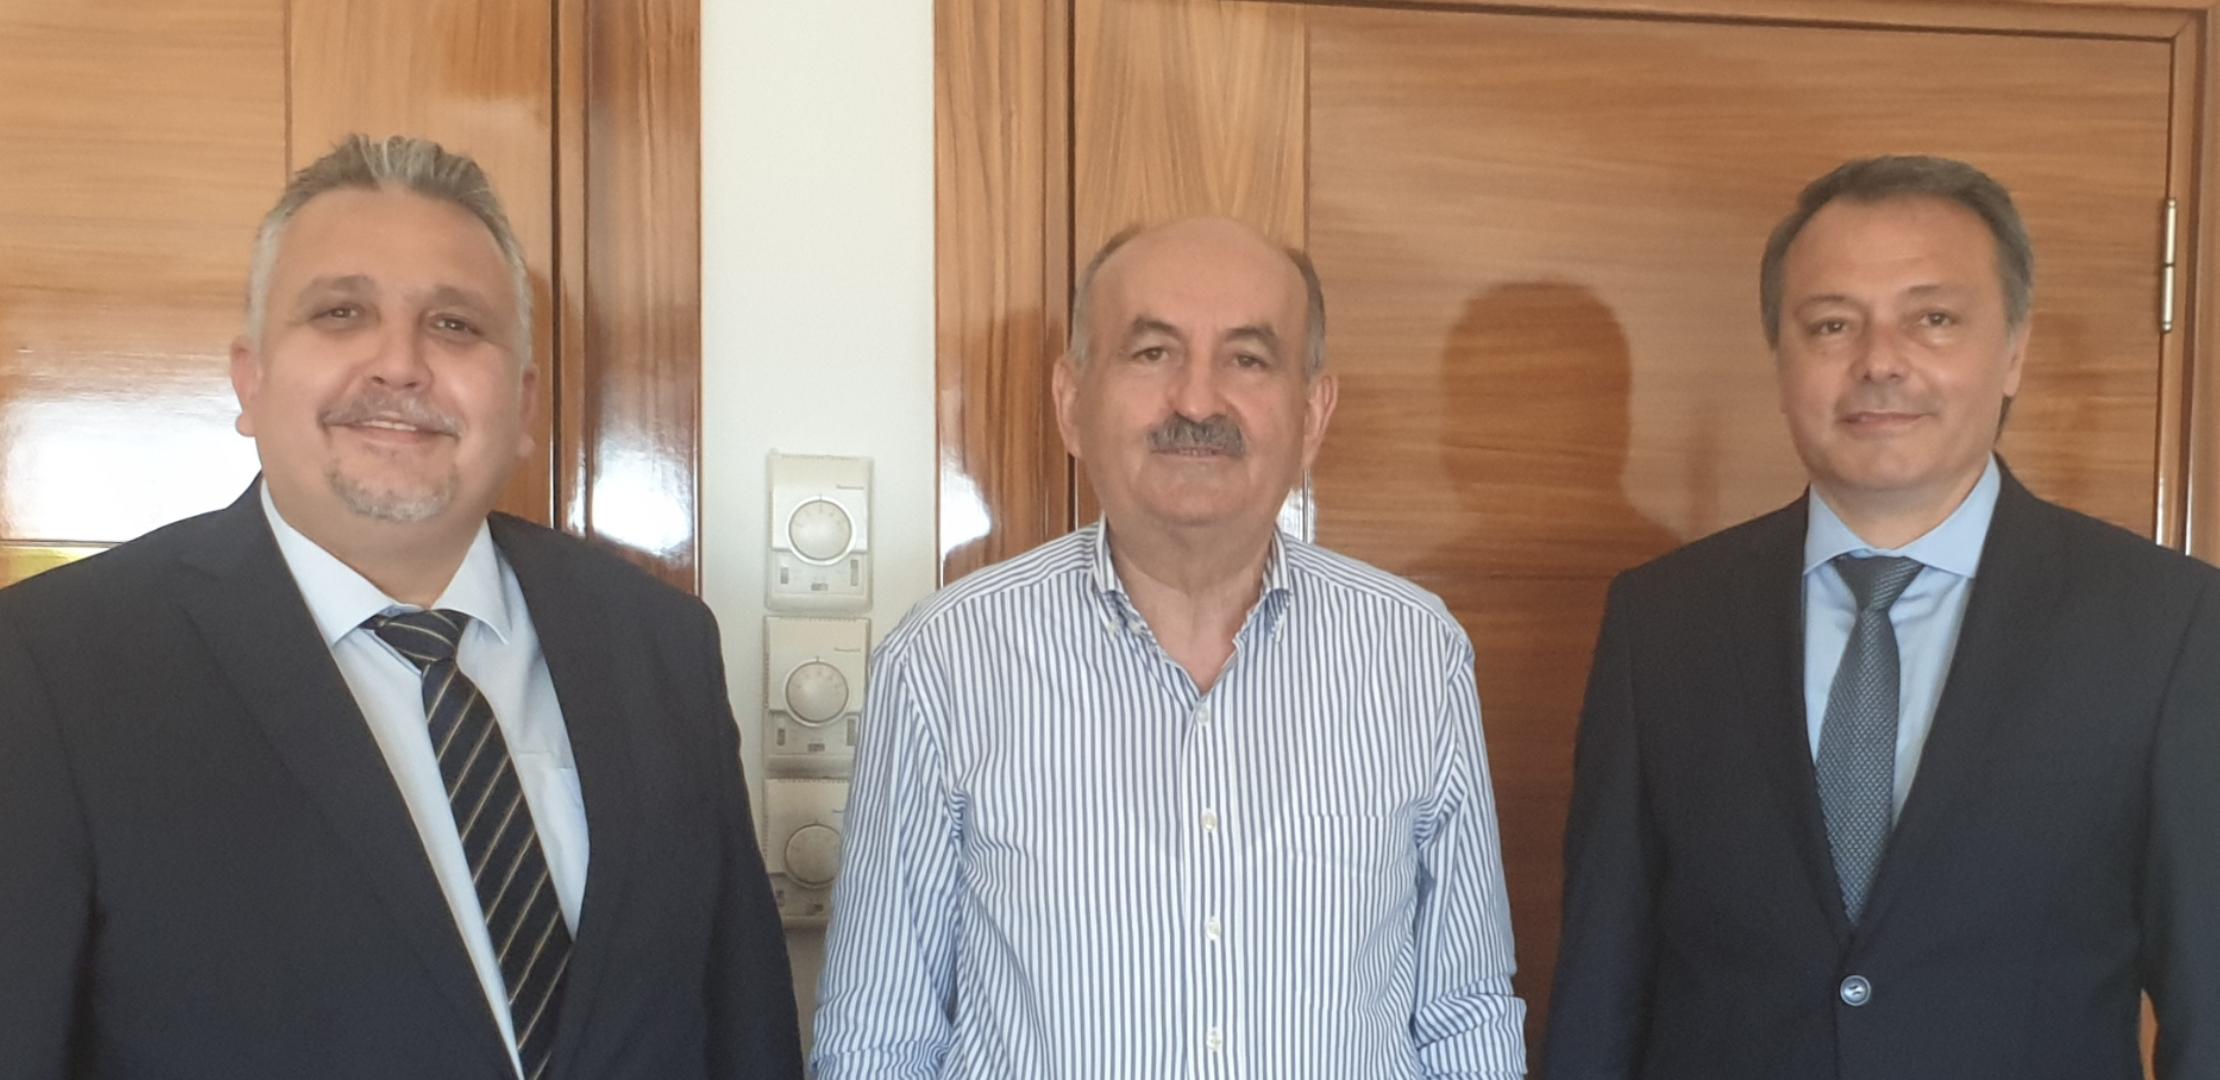 Bakanımız Mehmet Müezzinoğlu İle Görüştük